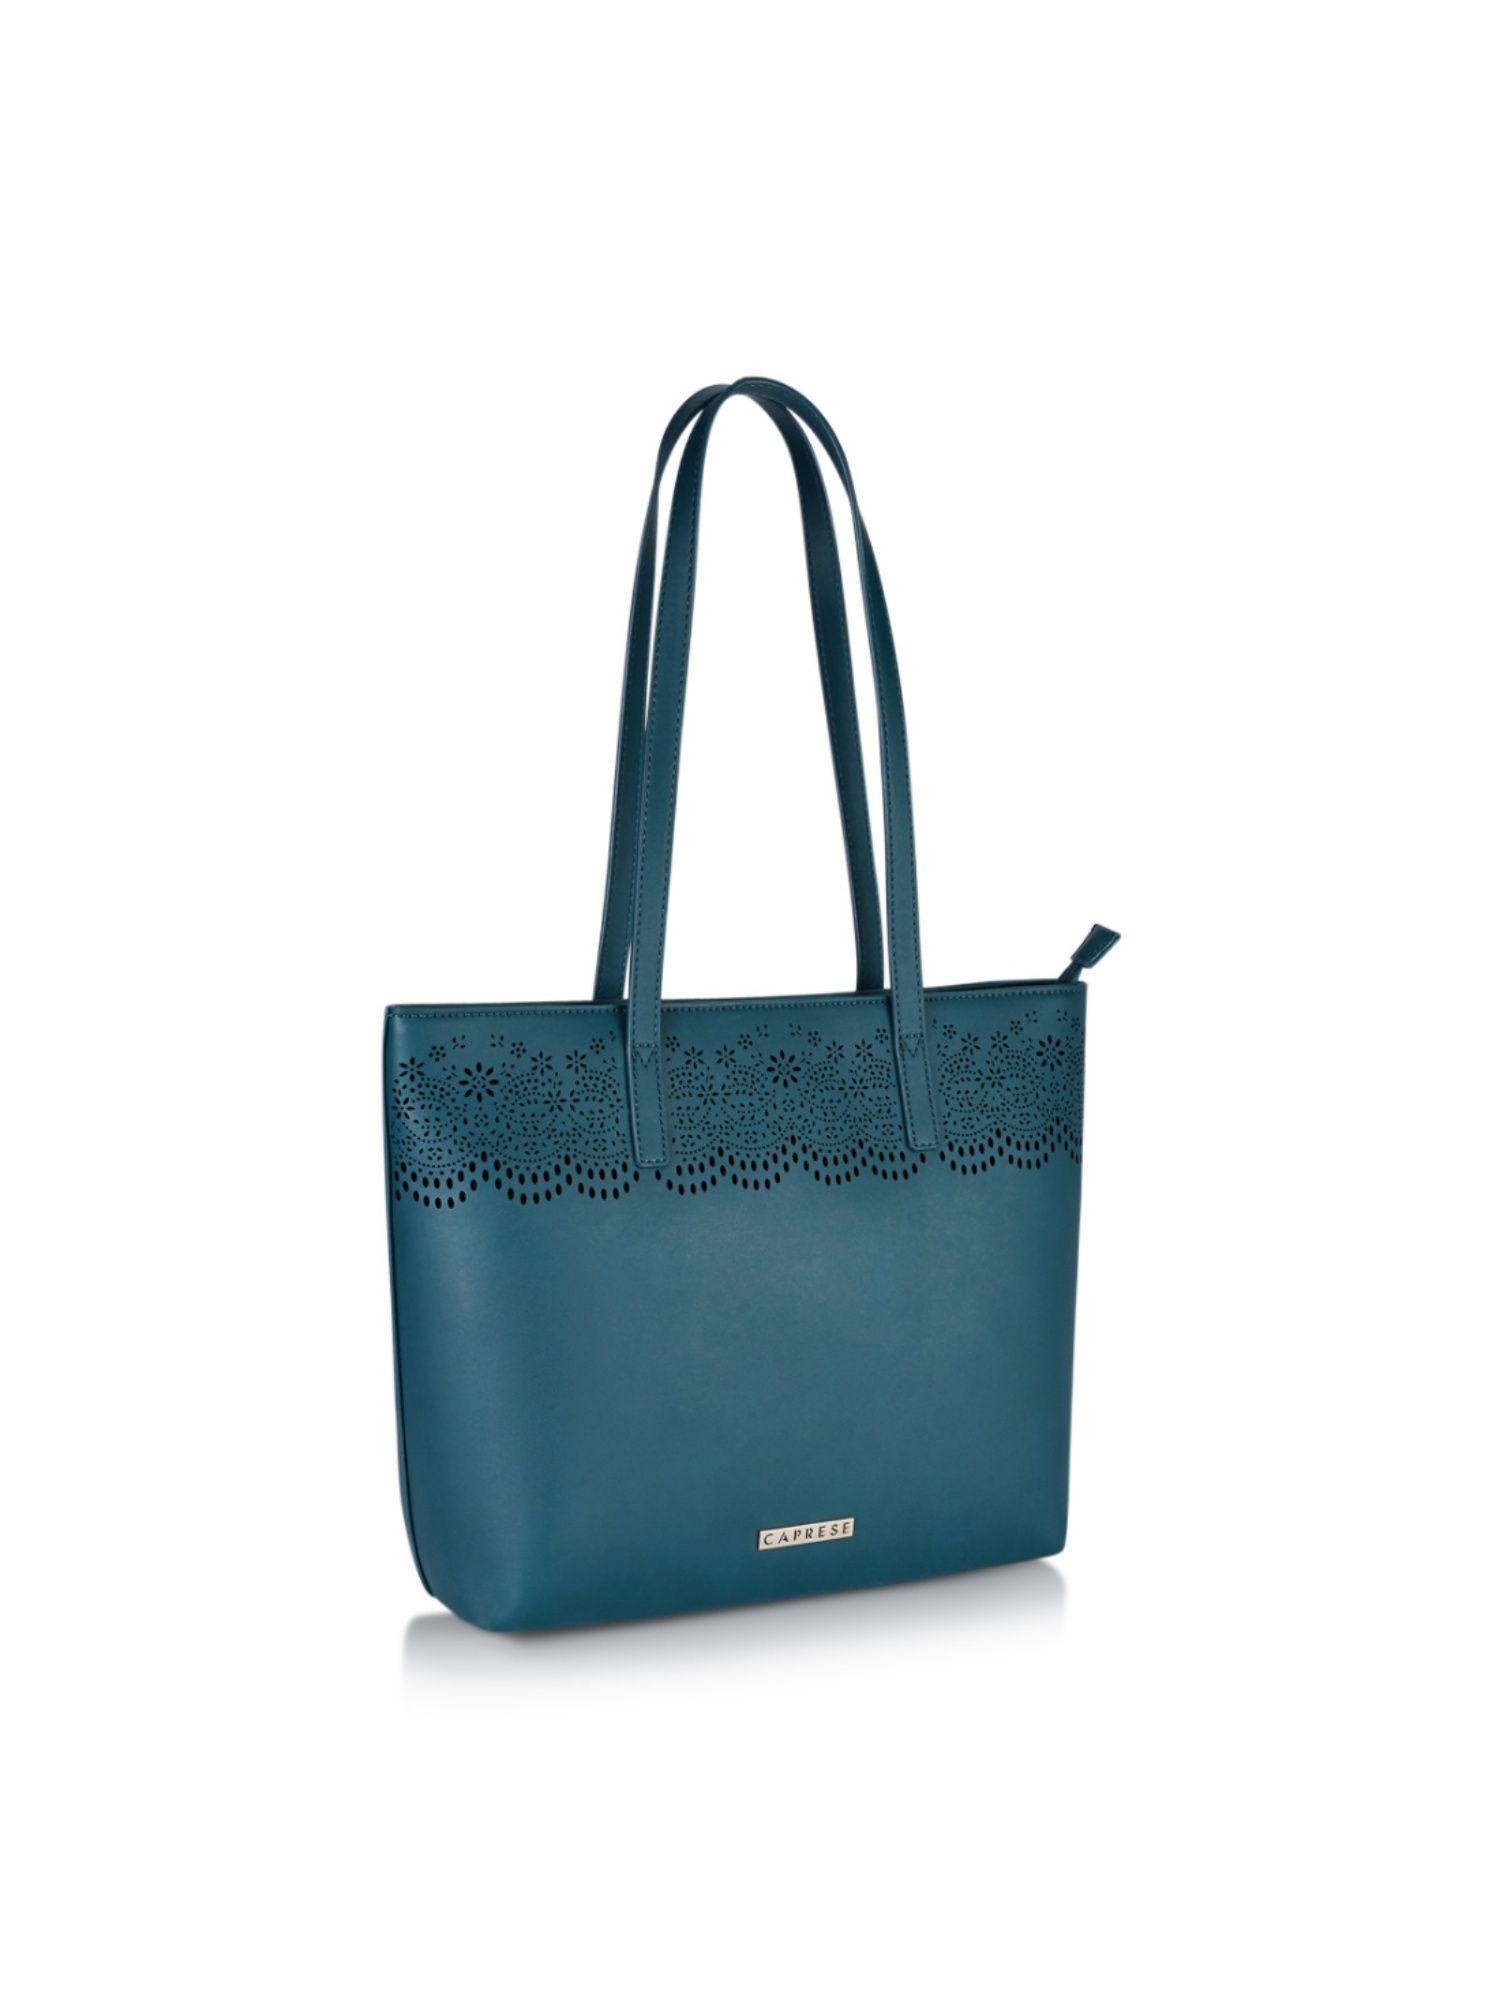 585d6125f Caprese Tote Bags   Buy Caprese Phora Medium (E) Teal Tote Bag ...